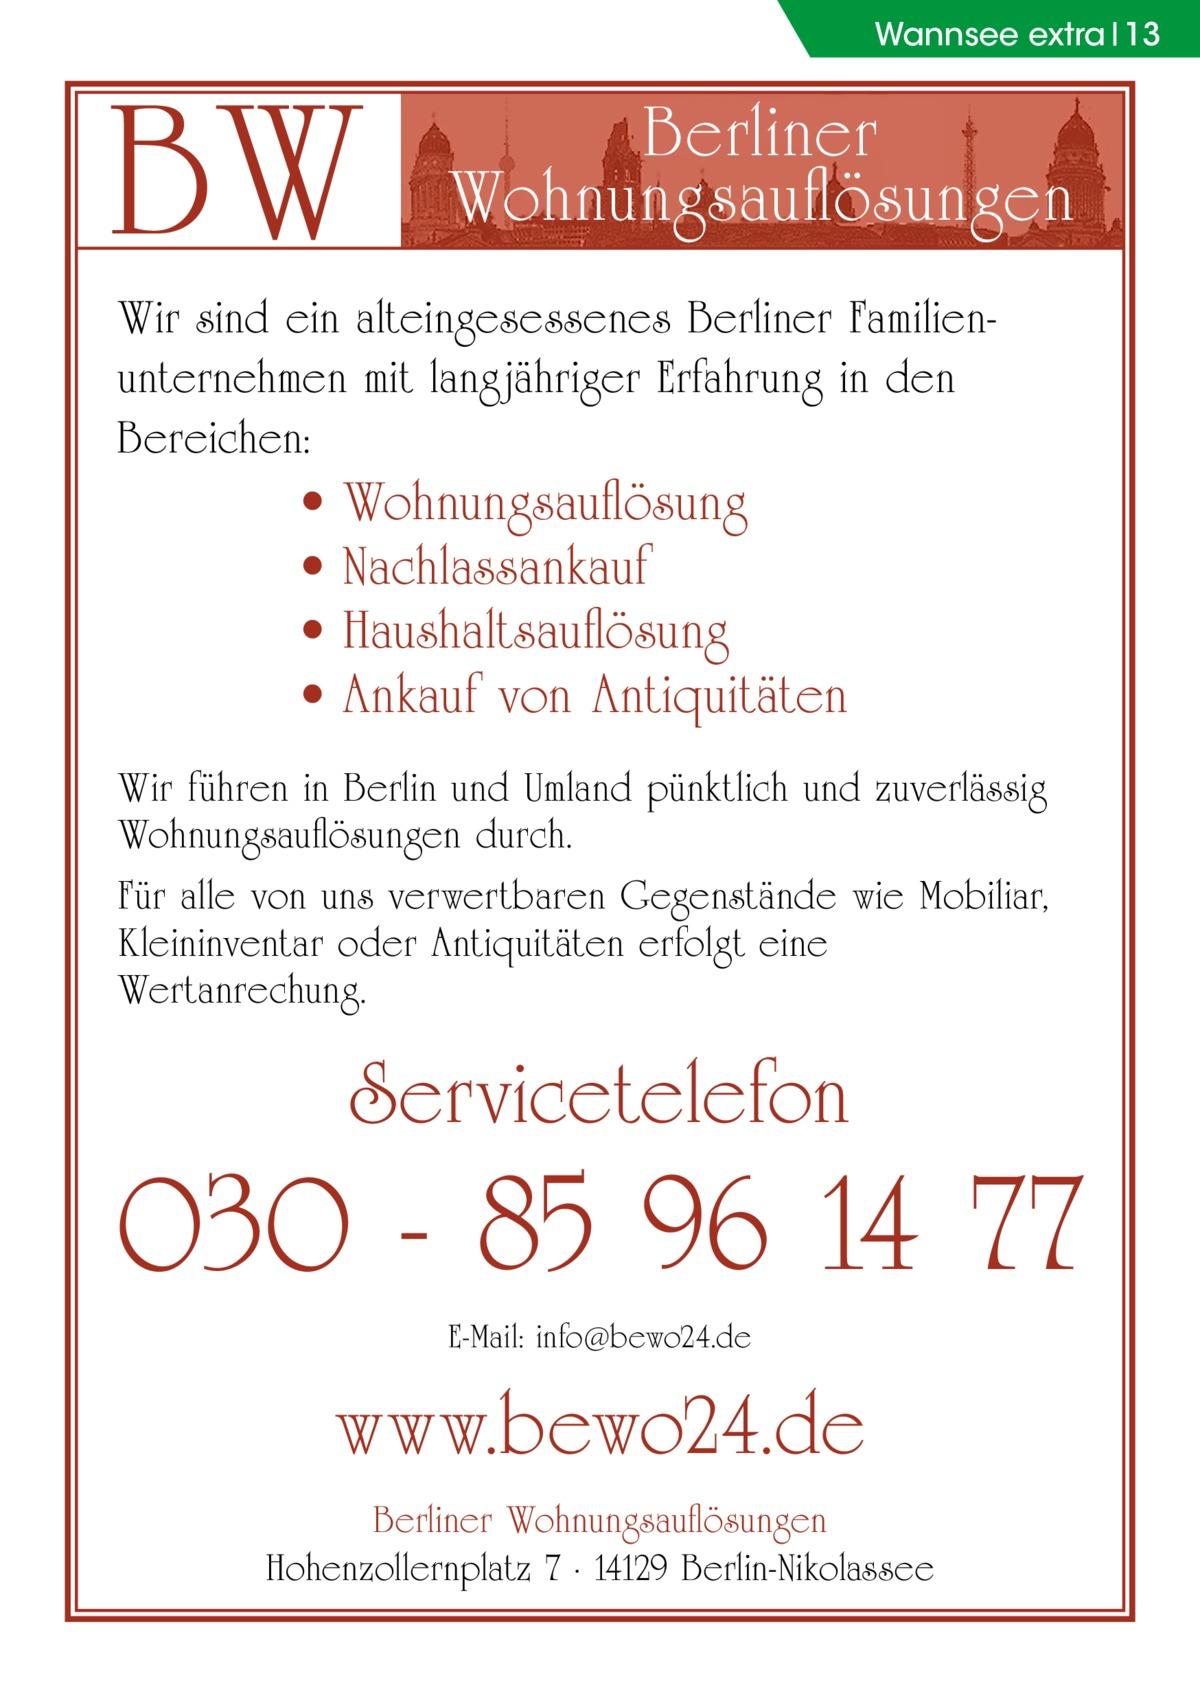 Wannsee extra 13  BW  Berliner Wohnungsauflösungen  Wir sind ein alteingesessenes Berliner Familienunternehmen mit langjähriger Erfahrung in den Bereichen:  • • • •  Wohnungsauflösung Nachlassankauf Haushaltsauflösung Ankauf von Antiquitäten  Wir führen in Berlin und Umland pünktlich und zuverlässig Wohnungsauflösungen durch. Für alle von uns verwertbaren Gegenstände wie Mobiliar, Kleininventar oder Antiquitäten erfolgt eine Wertanrechung.  Servicetelefon  030 - 85 96 14 77 E-Mail: info@bewo24.de  www.bewo24.de Berliner Wohnungsauflösungen Hohenzollernplatz 7 · 14129 Berlin-Nikolassee